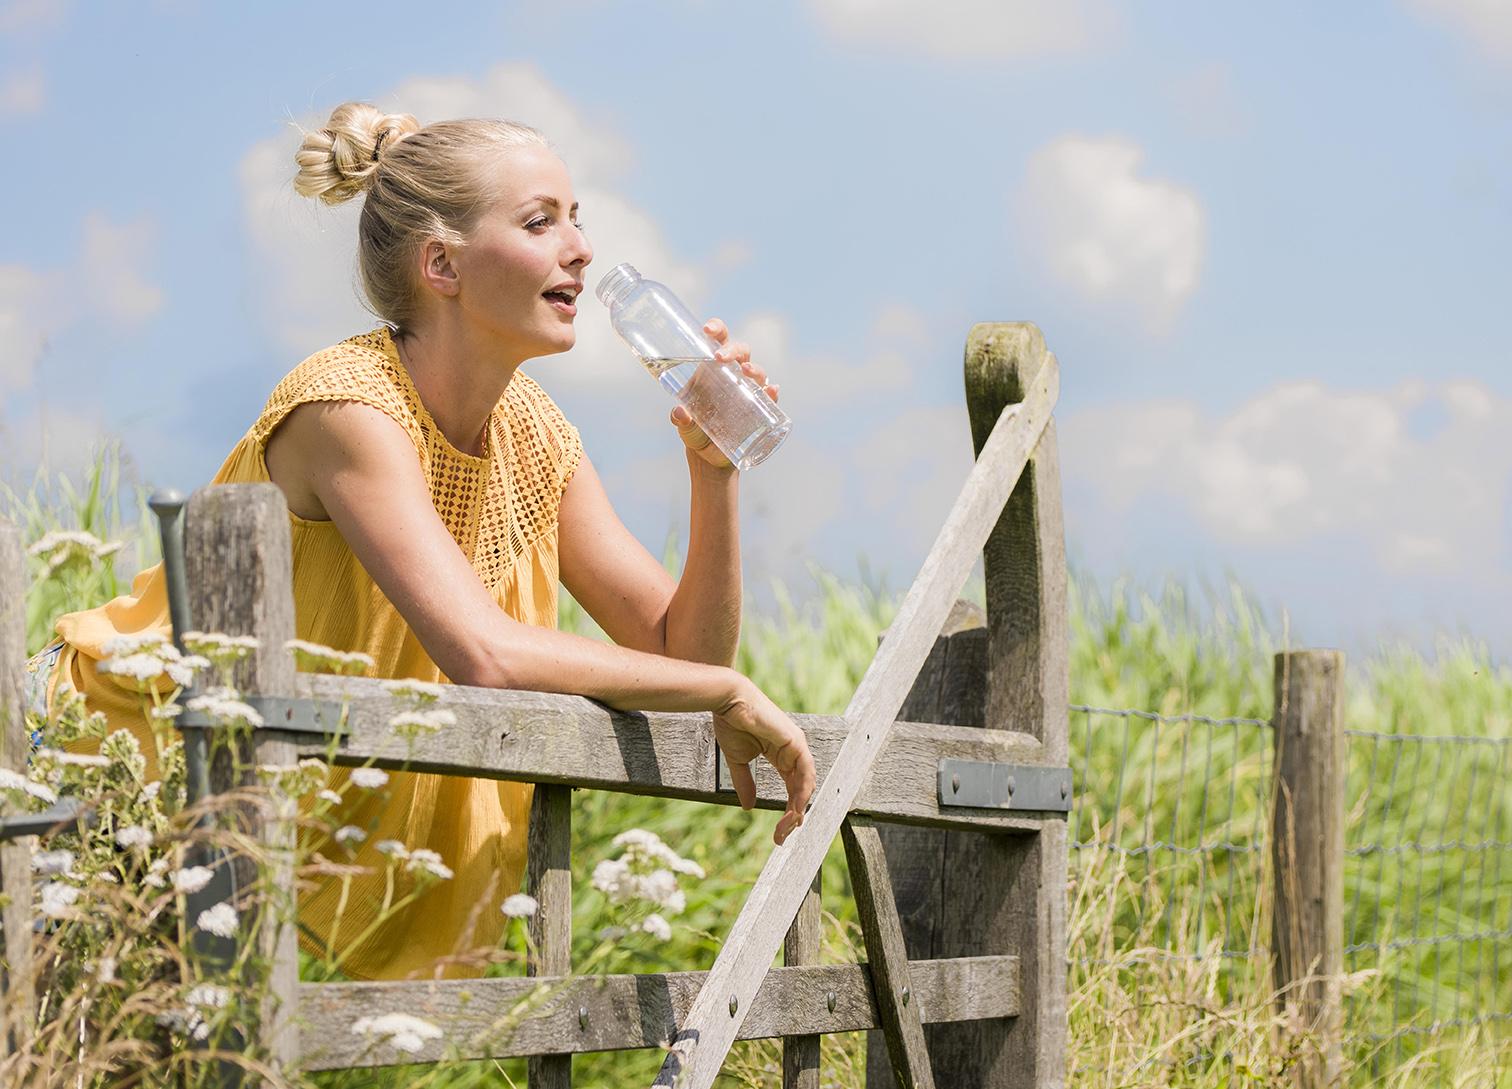 vrouw bij hek drinkt water